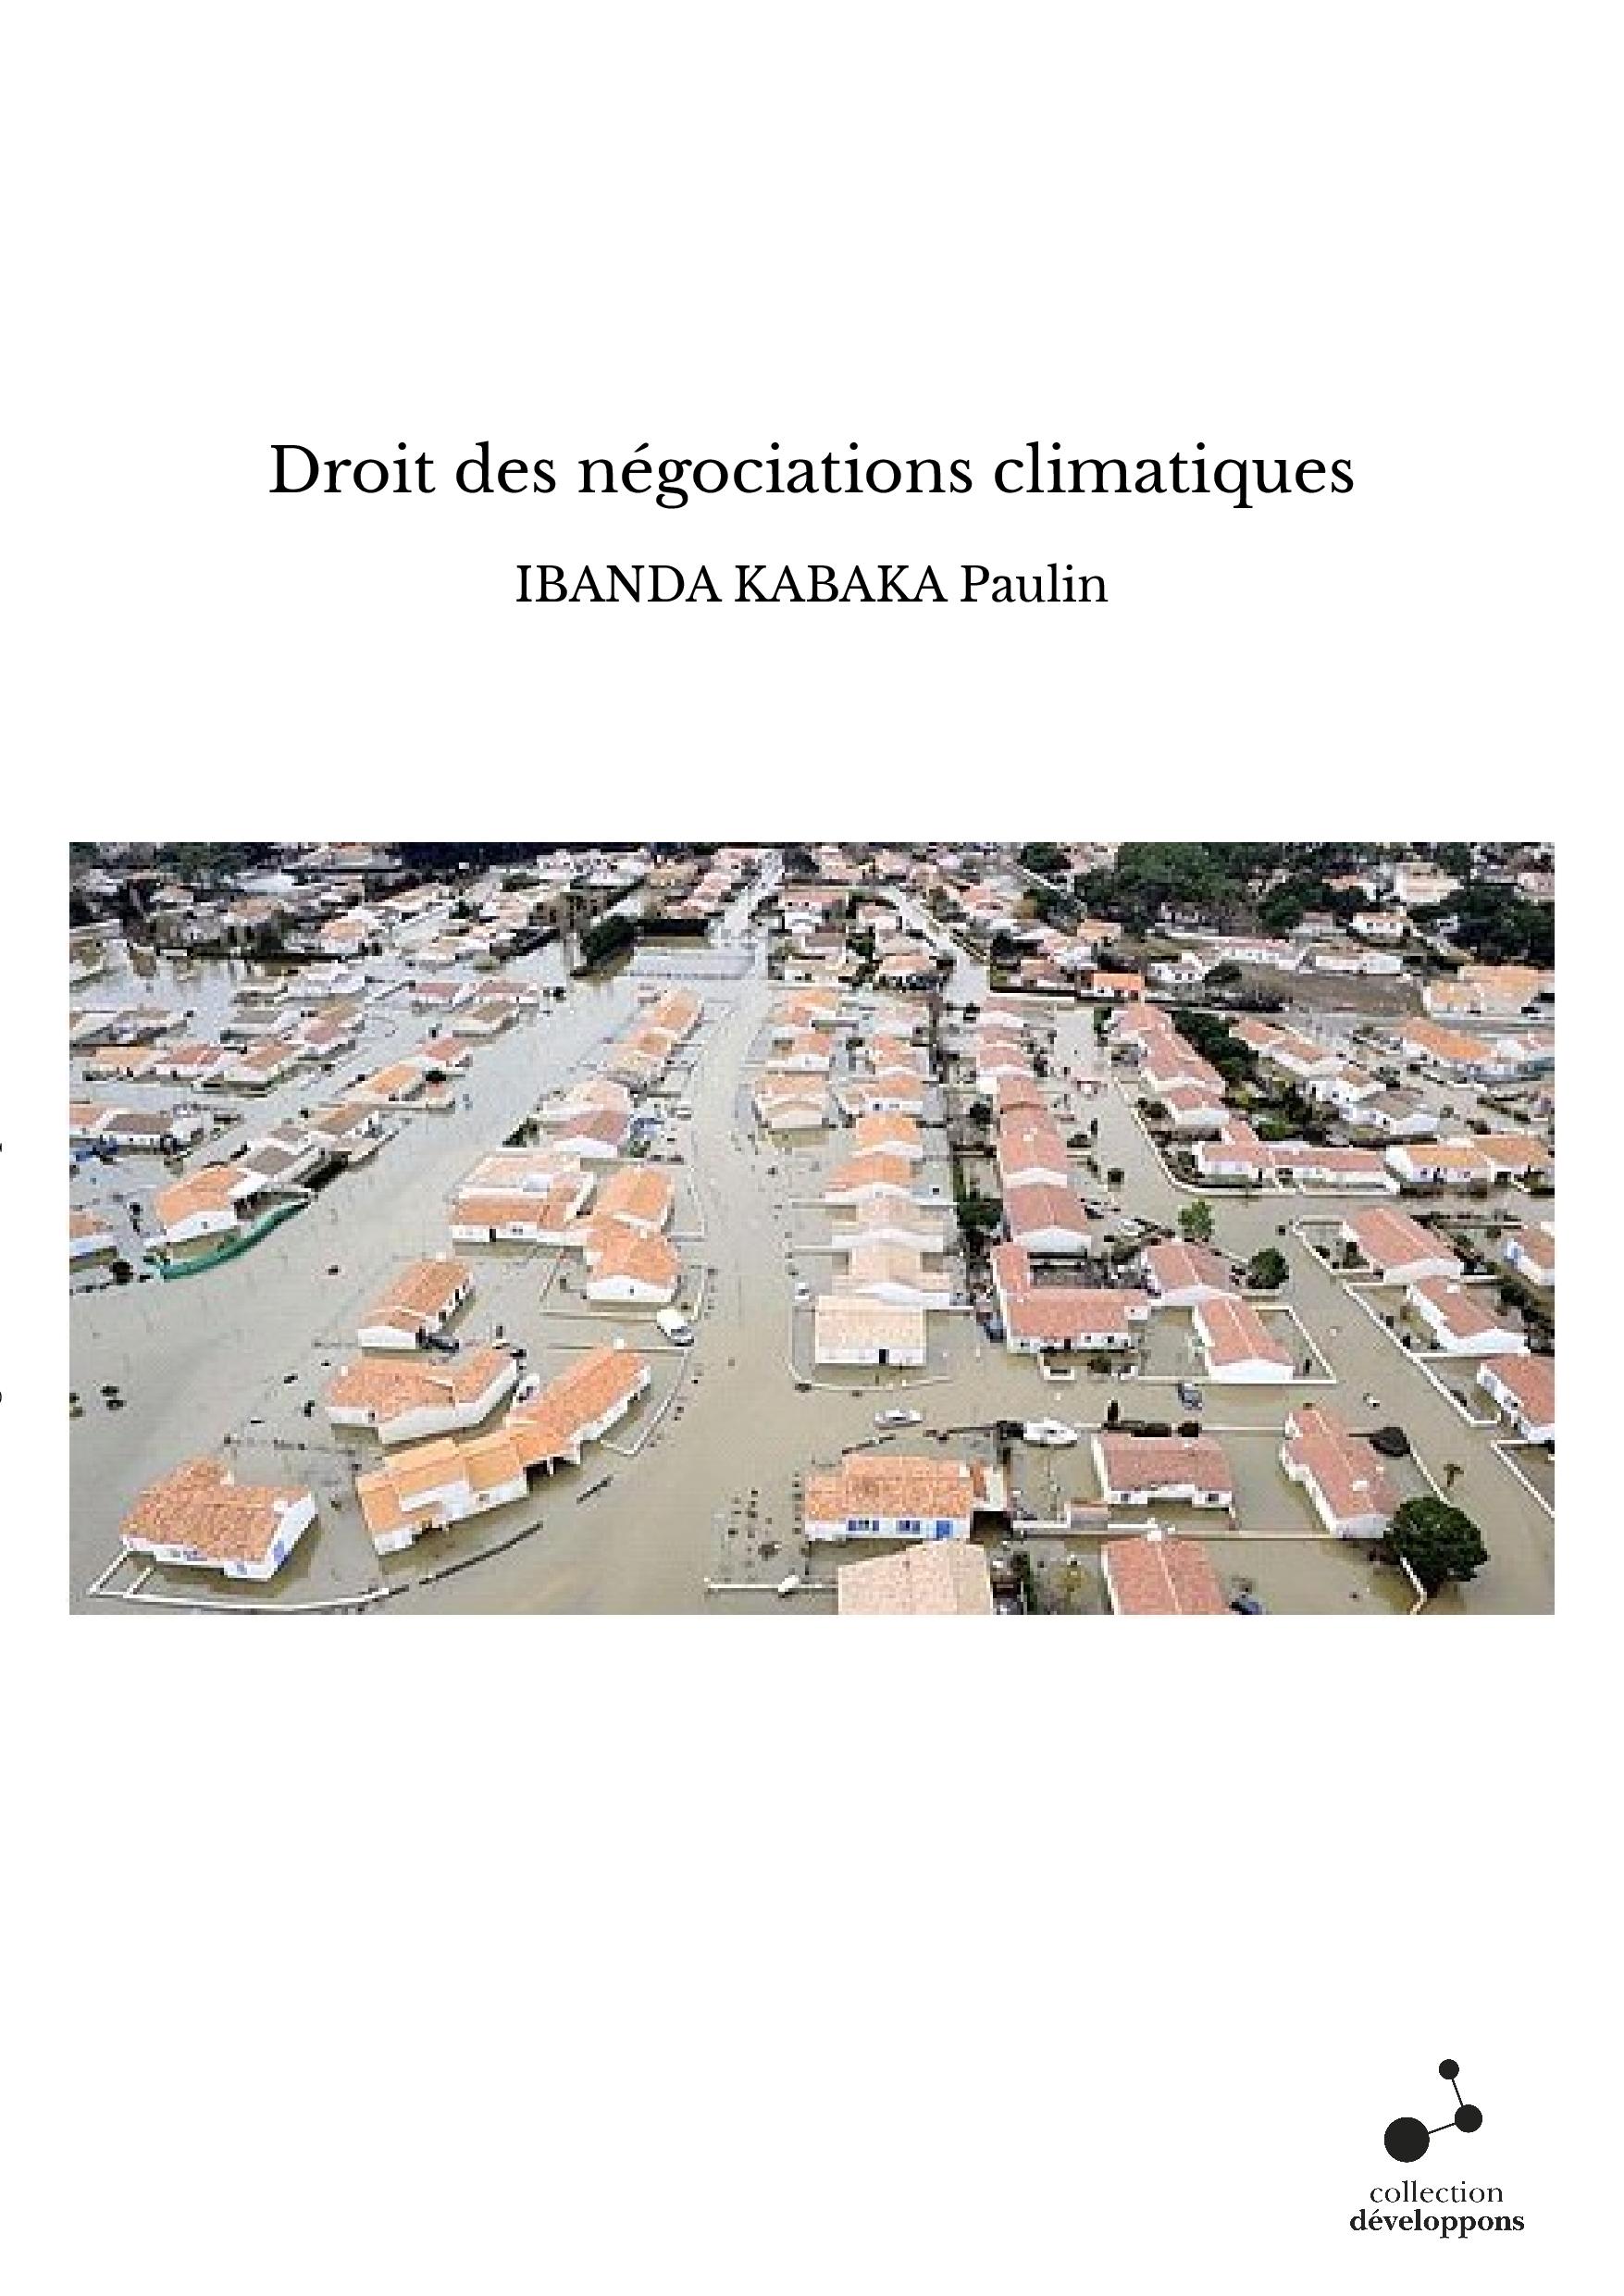 Droit des négociations climatiques